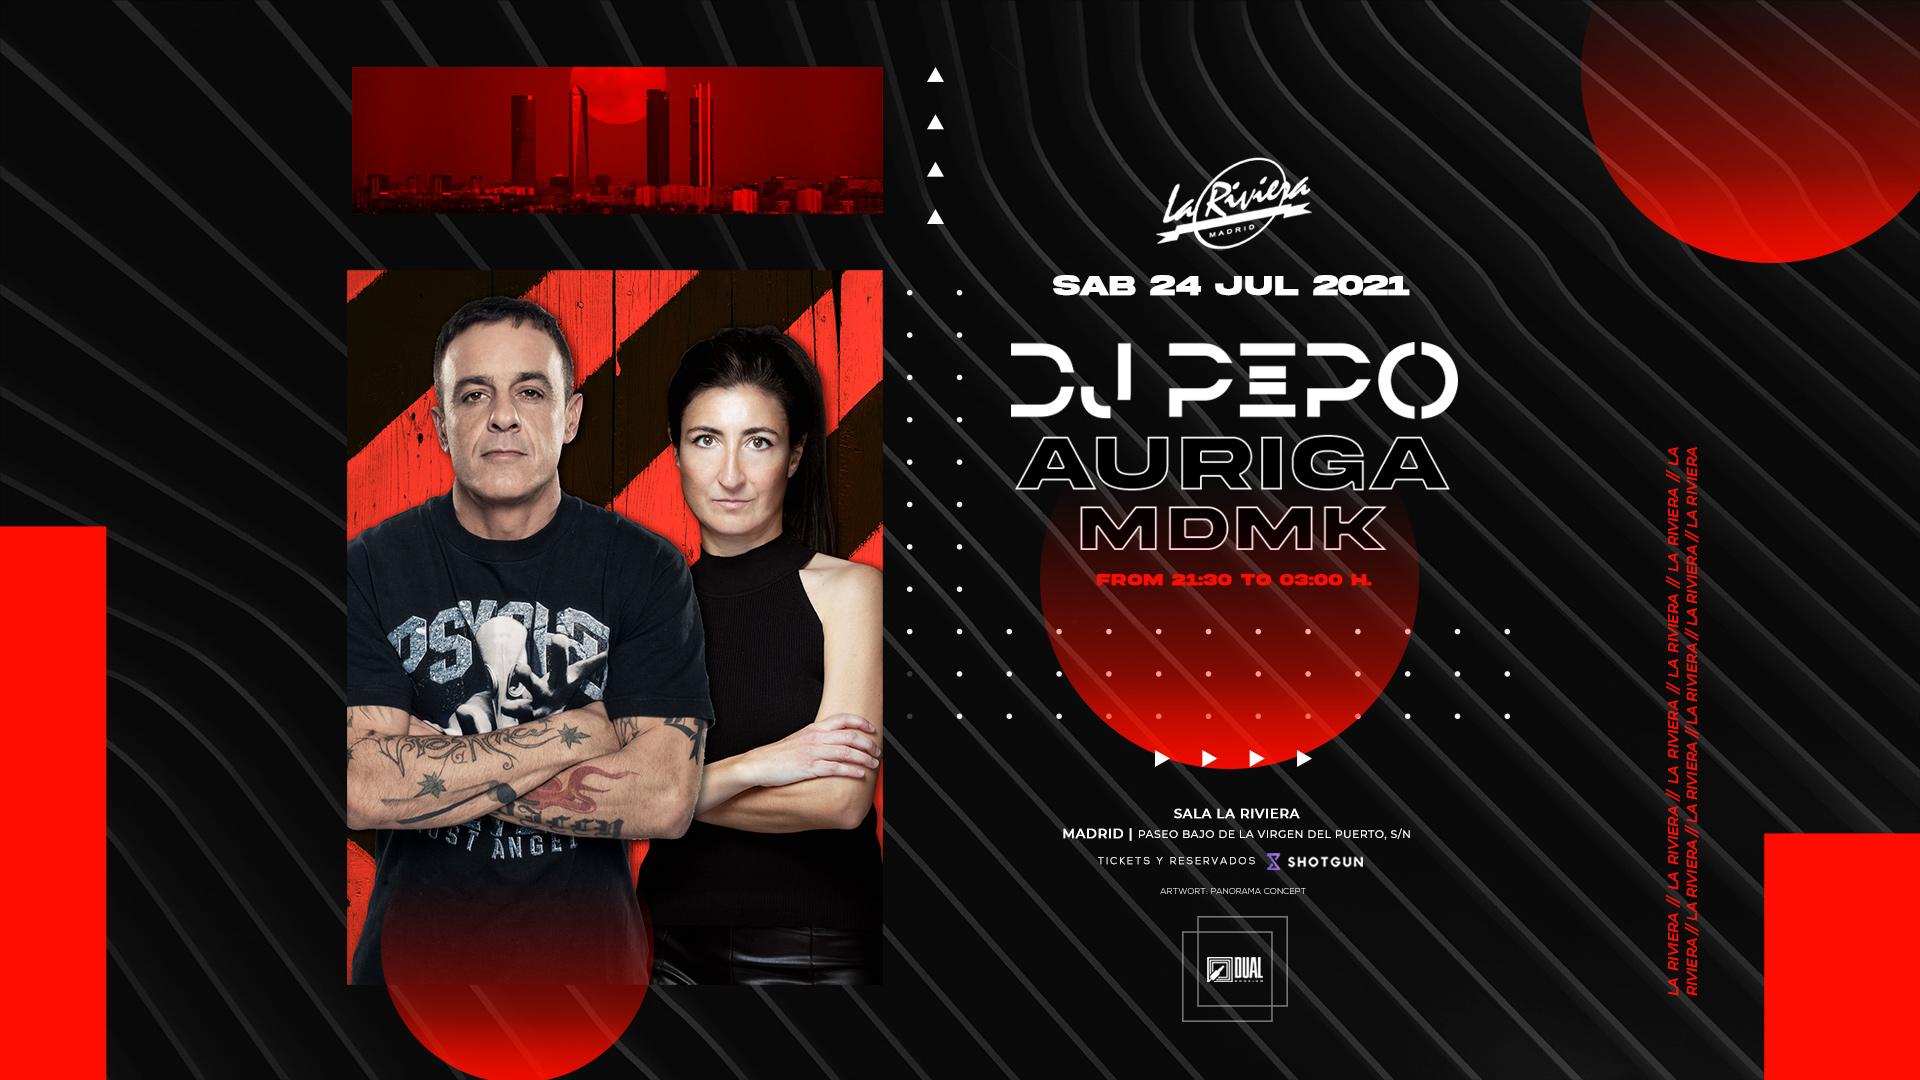 [POSPUESTO] DJ PEPO + AURIGA + MDMK @ LA RIVIERA